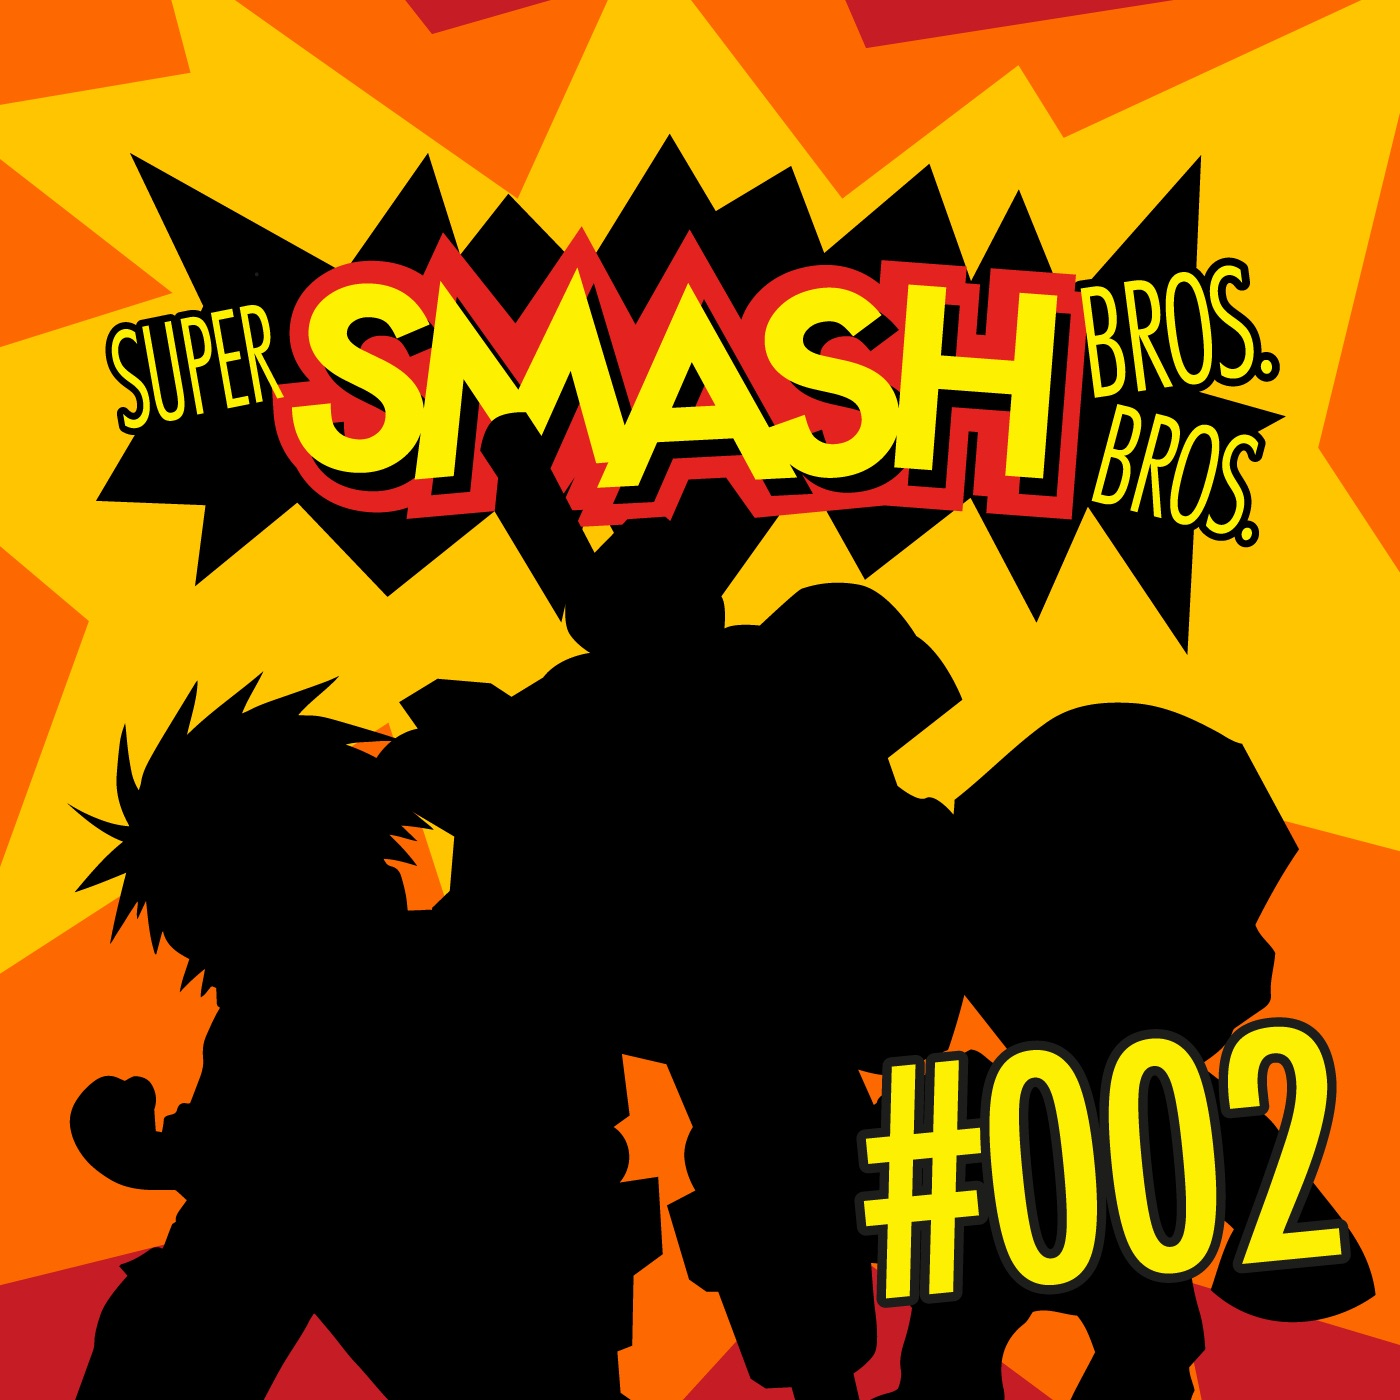 Smash Bros Cast A Smash Bros Podcast | Listen to the Most